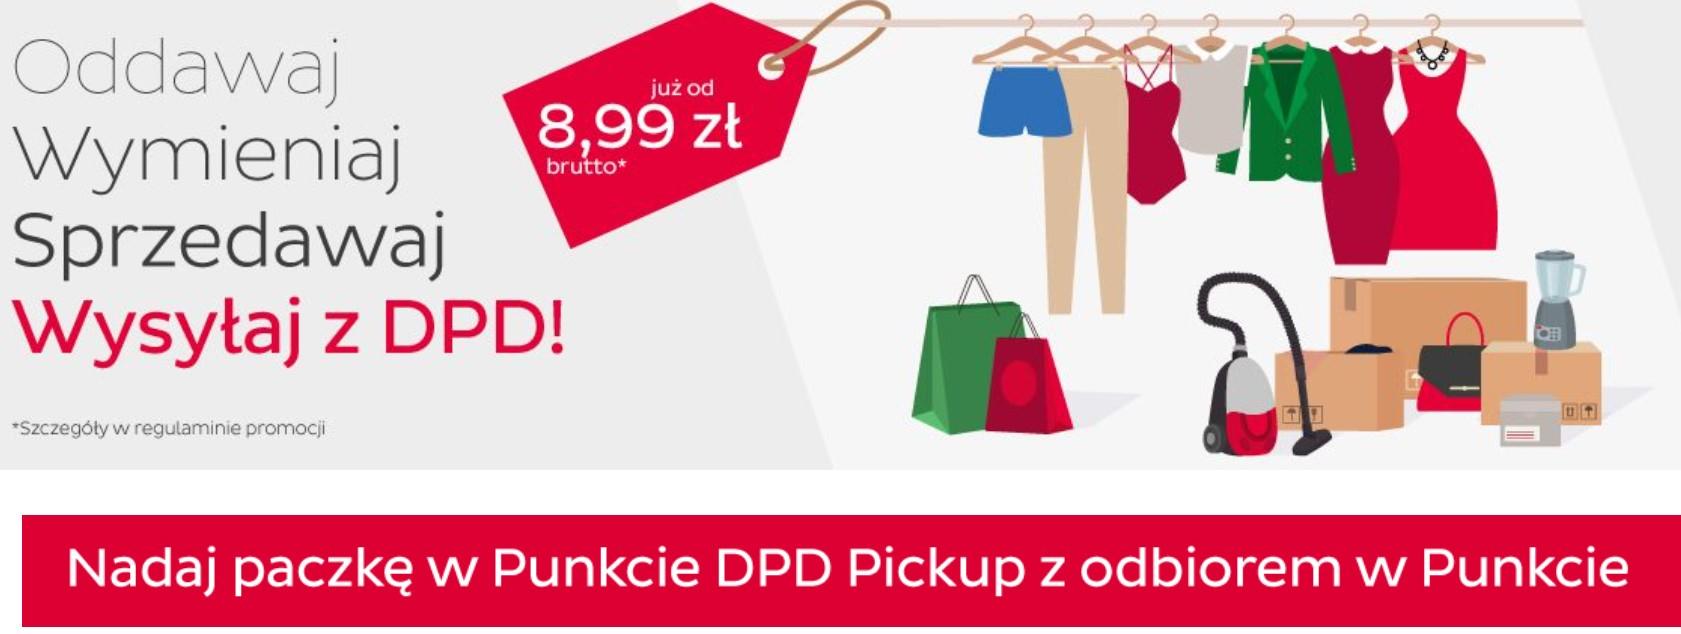 Paczka DPD Pickup z odbiorem i nadaniem w punkcie za 8,99zl